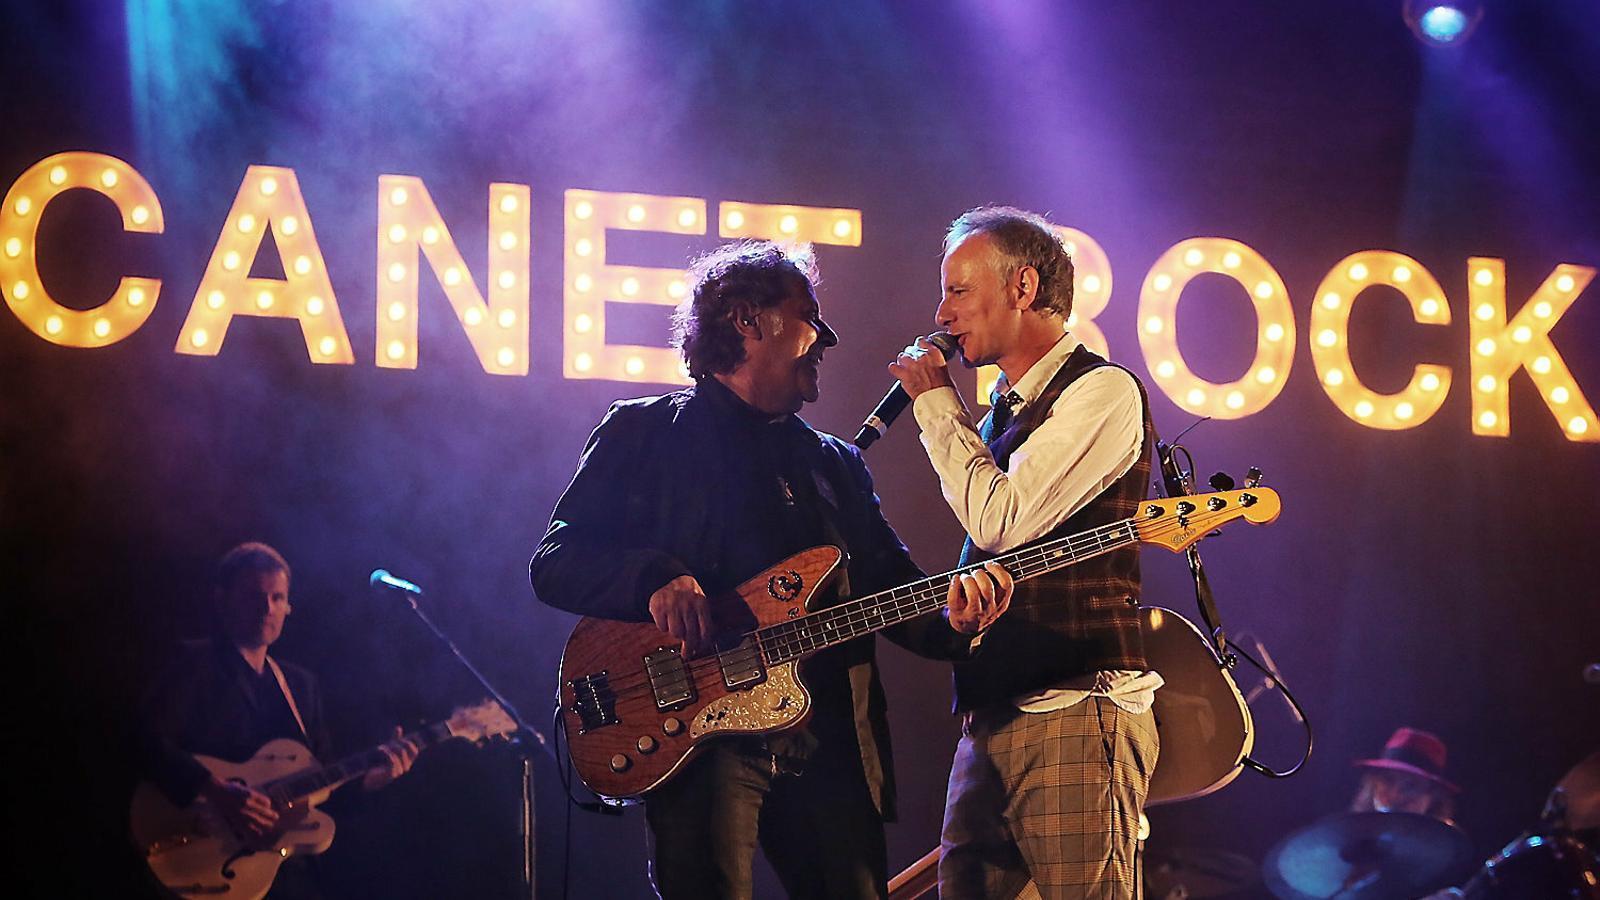 Ni la pluja atura la música i la rebel·lia del Canet Rock